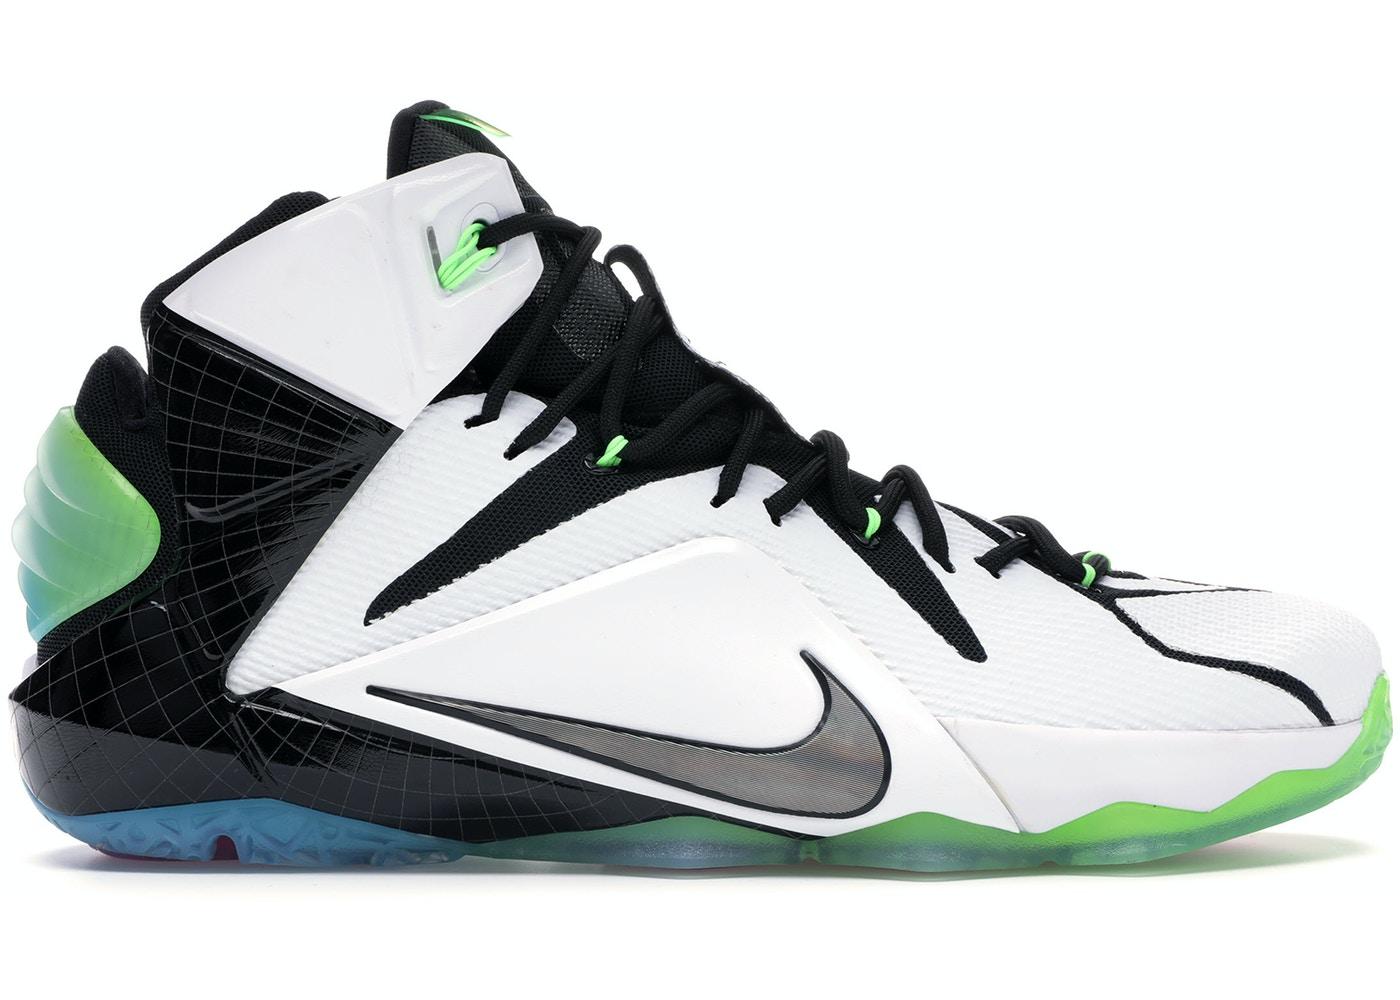 Nike-Lebron-12-All-Star-Game-Product.jpg